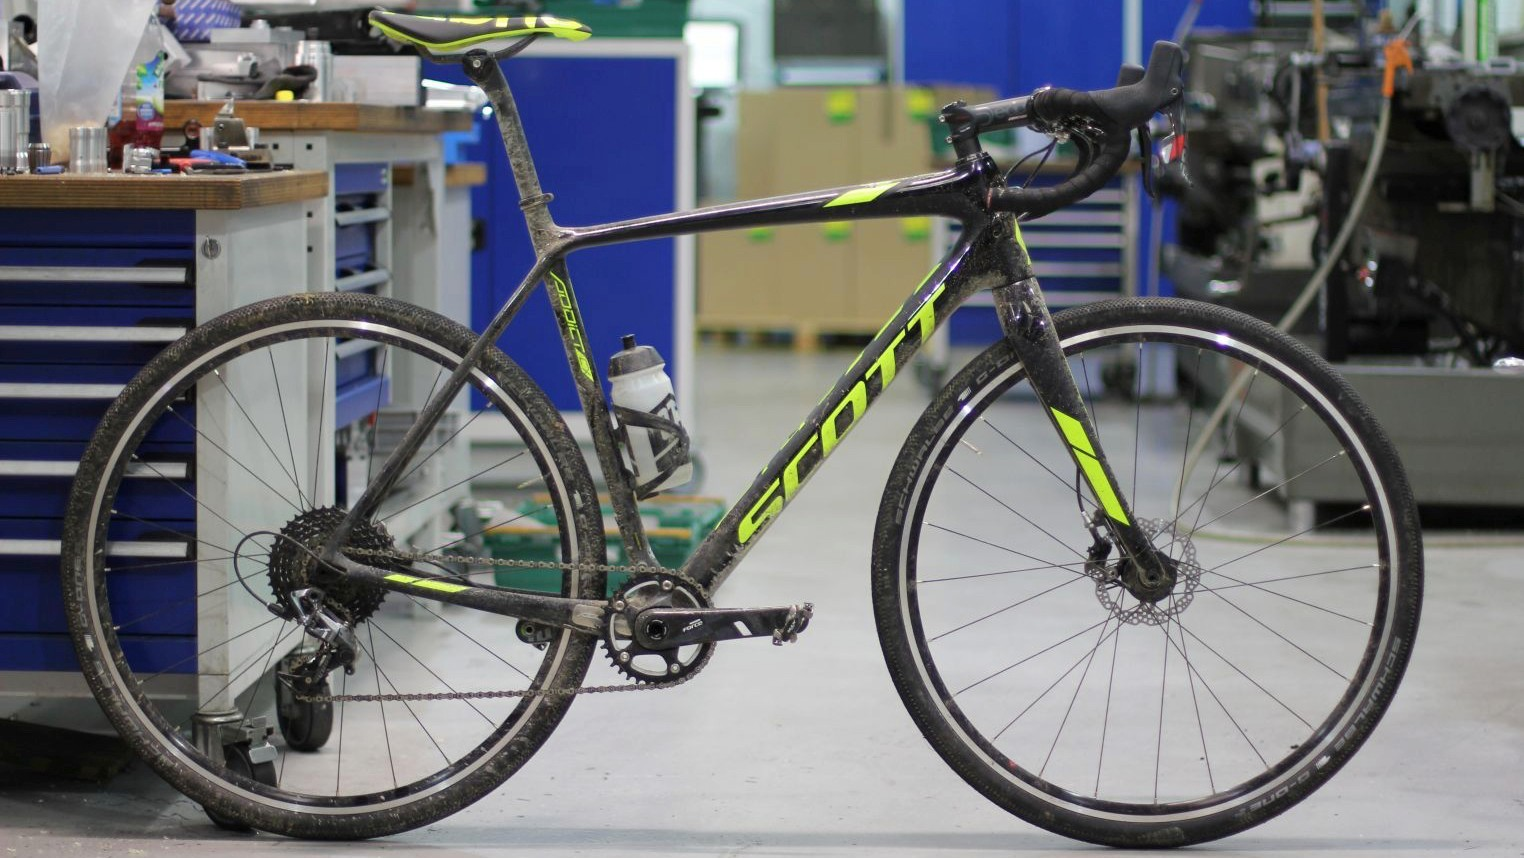 This year's 3 Peaks winning bike — the Scott Addict CX